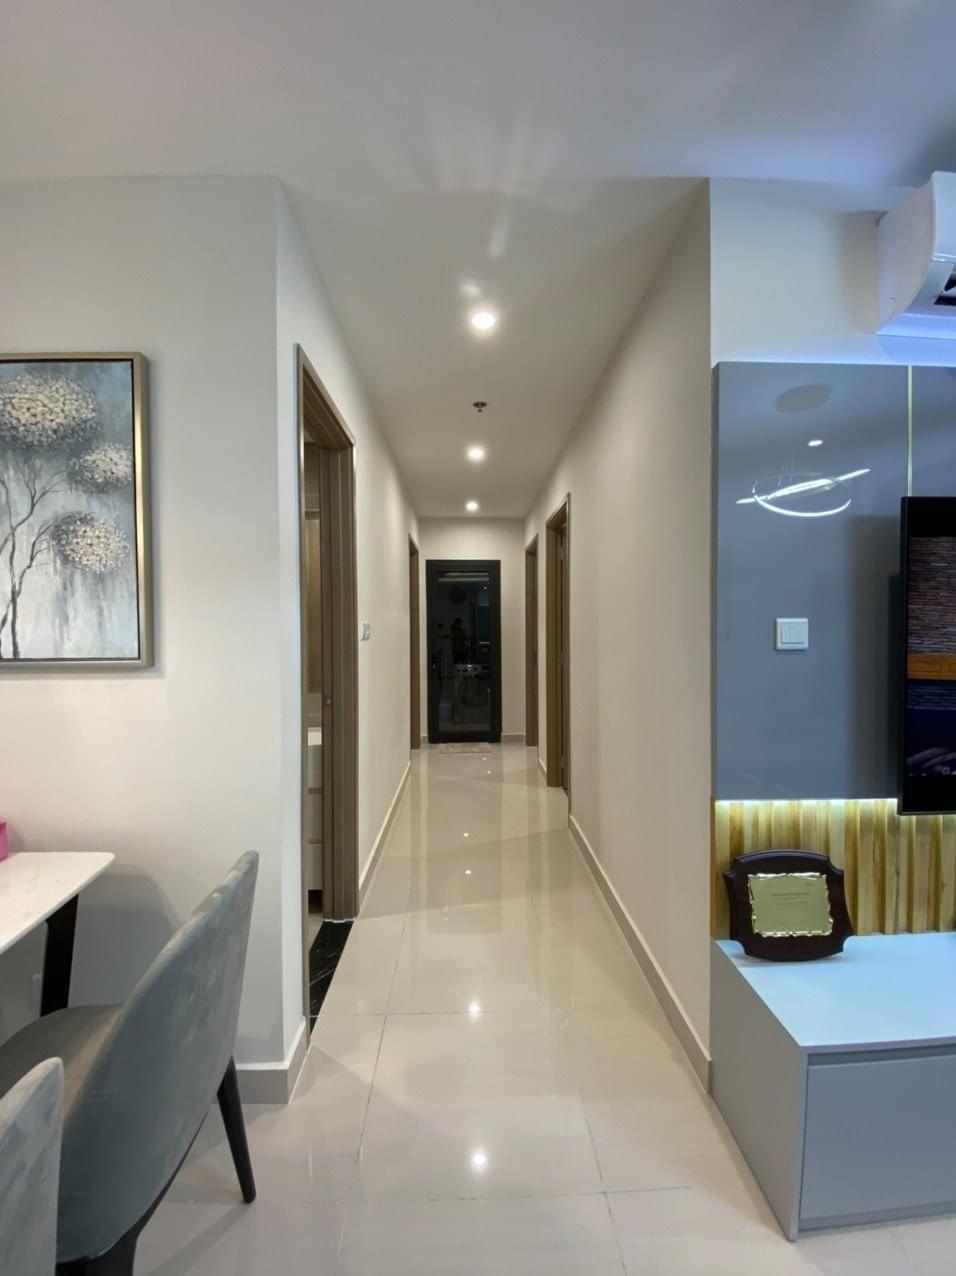 Căn hộ 3 phòng ngủ tầng 34 toà S5.03 Vinhomes Grand park cho thuê 10tr 2